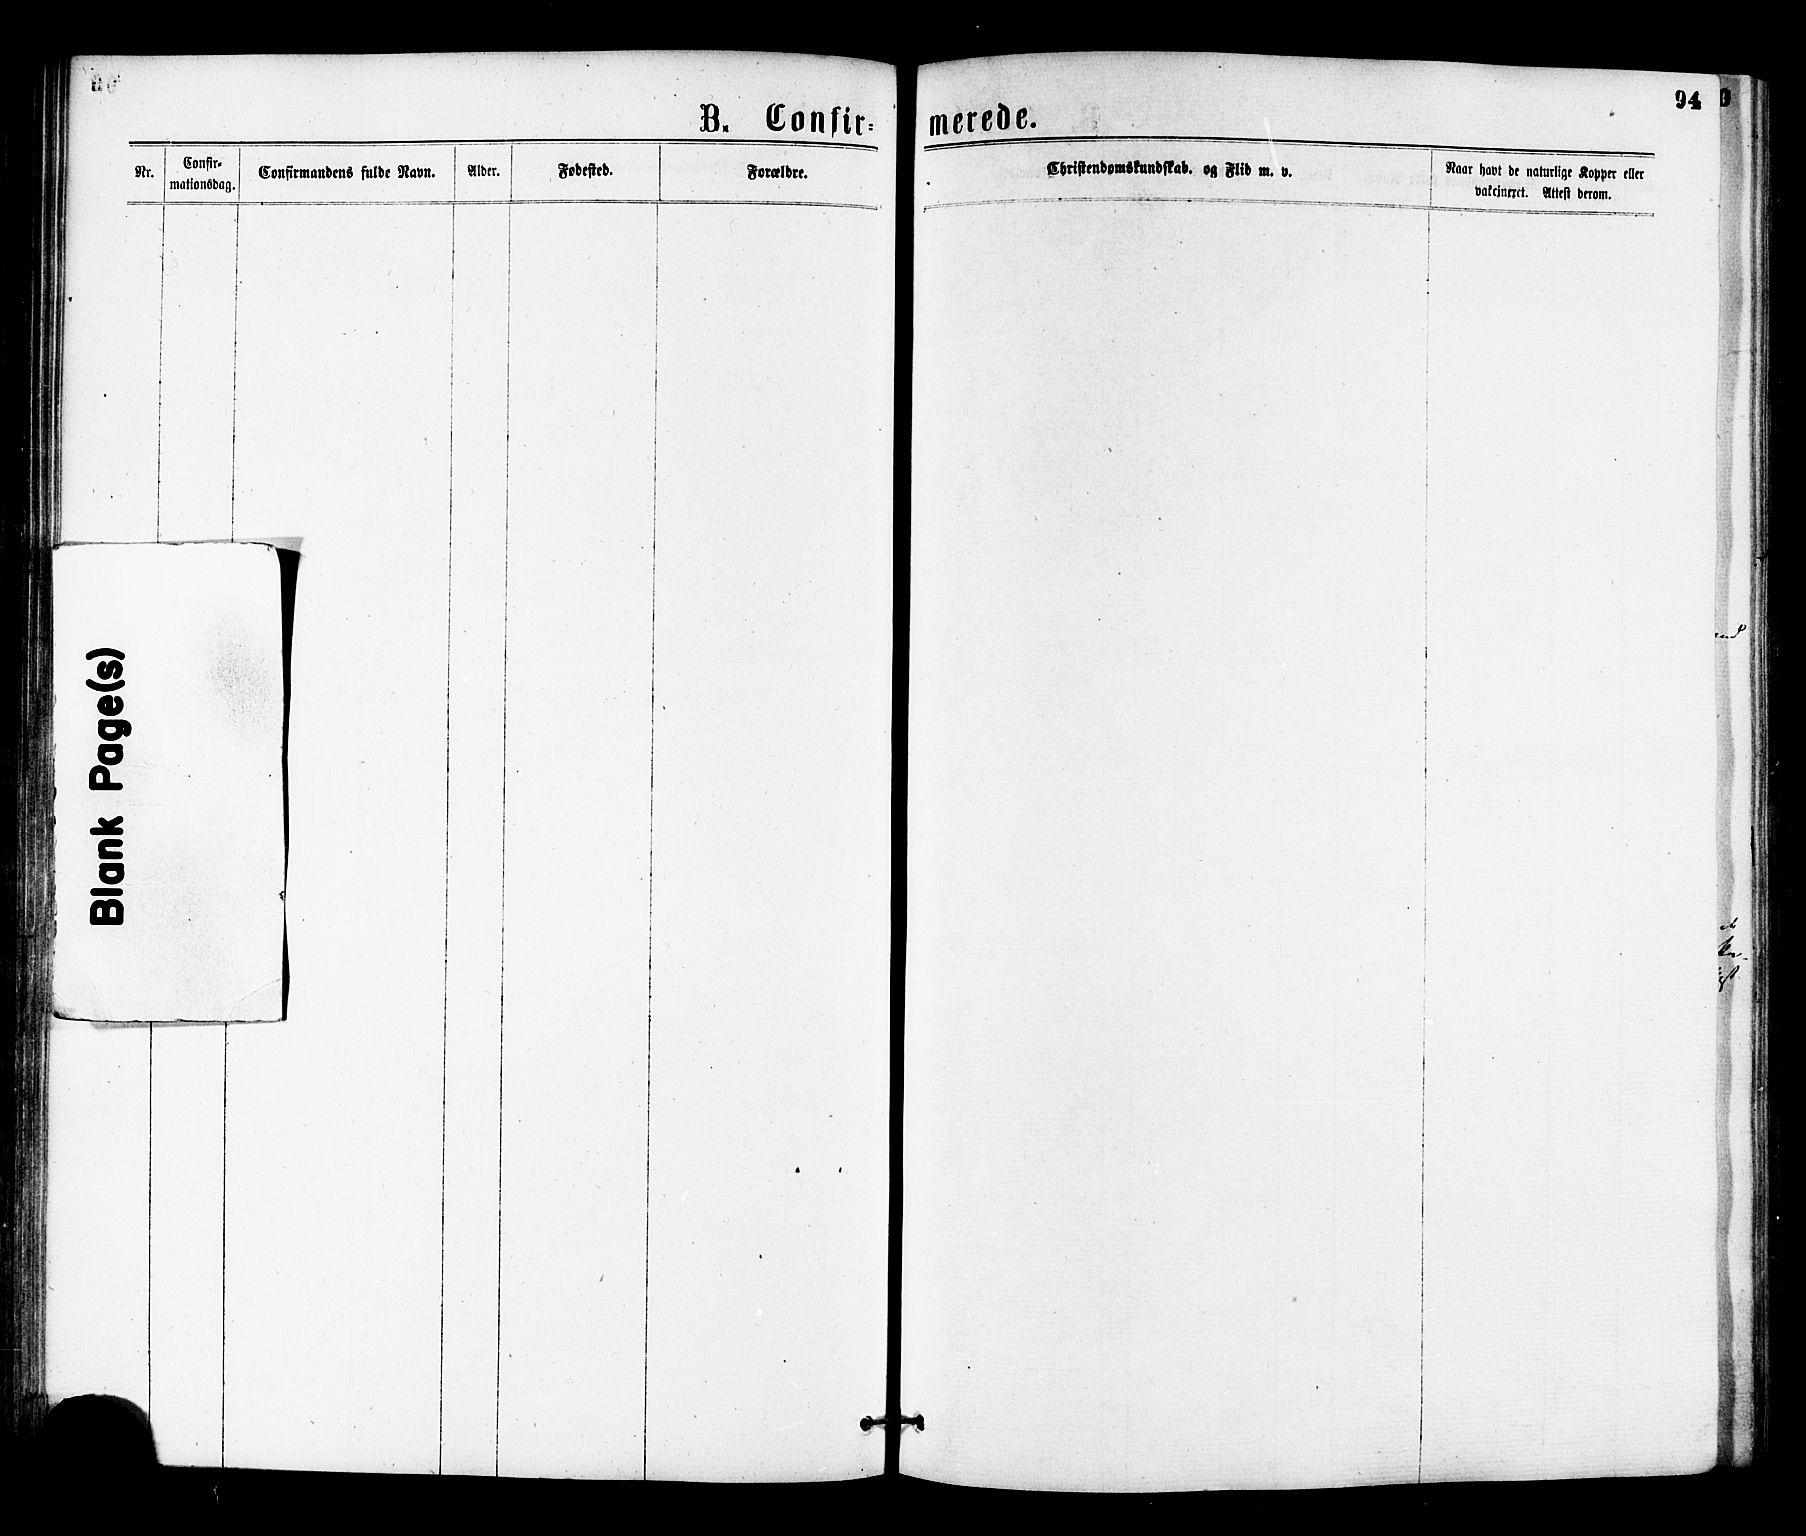 SAT, Ministerialprotokoller, klokkerbøker og fødselsregistre - Nord-Trøndelag, 755/L0493: Ministerialbok nr. 755A02, 1865-1881, s. 94